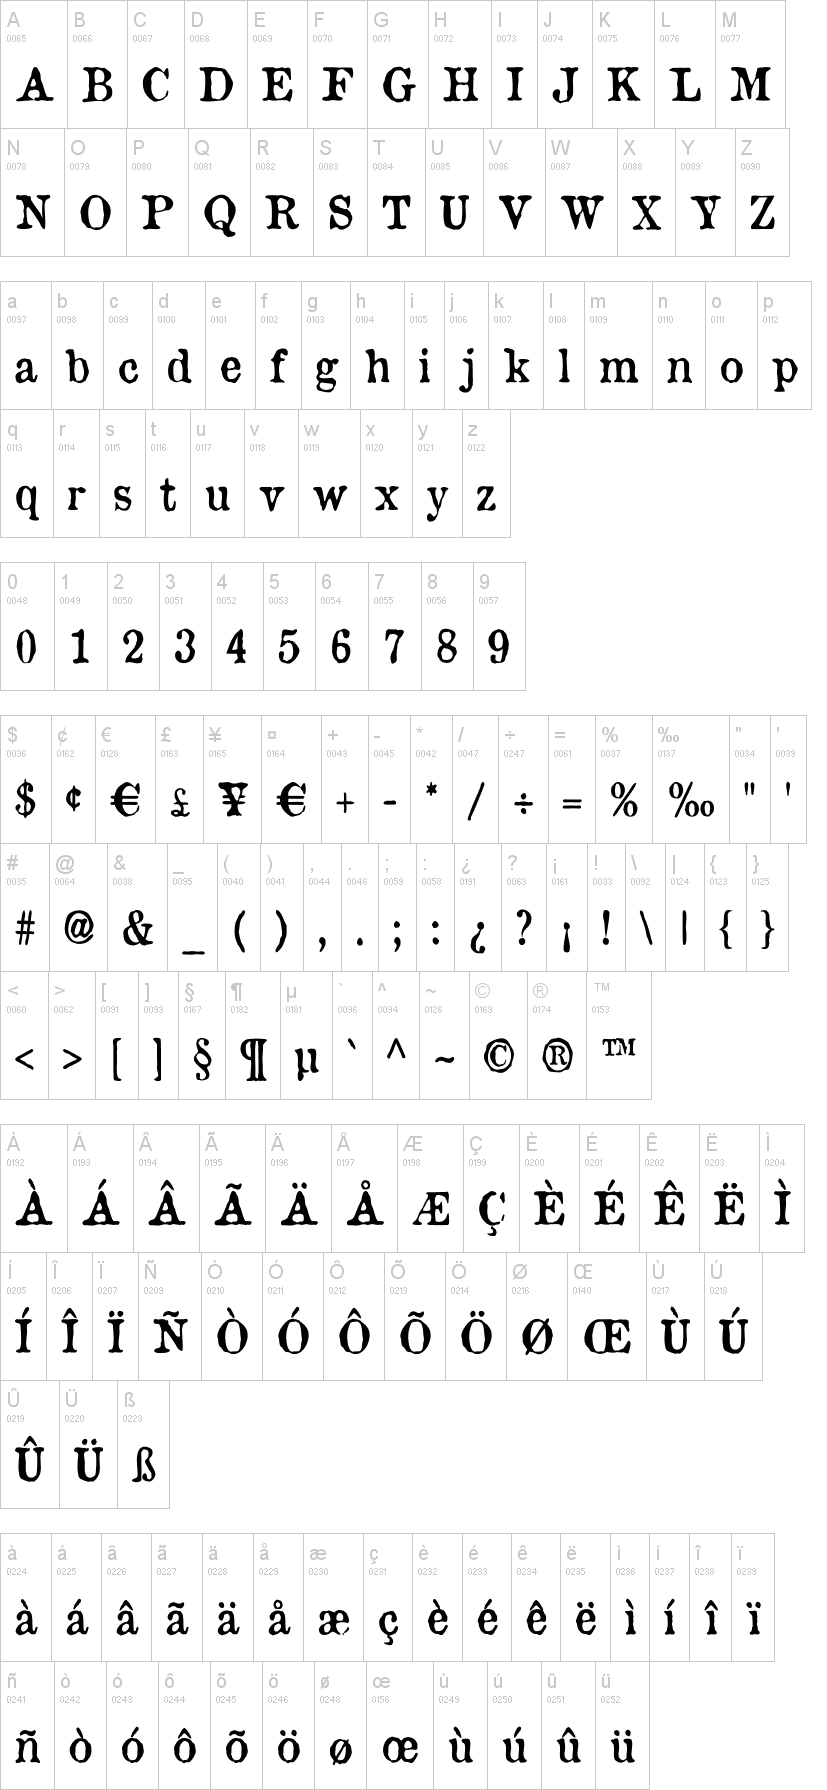 Old Newspaper Types Font | dafont com